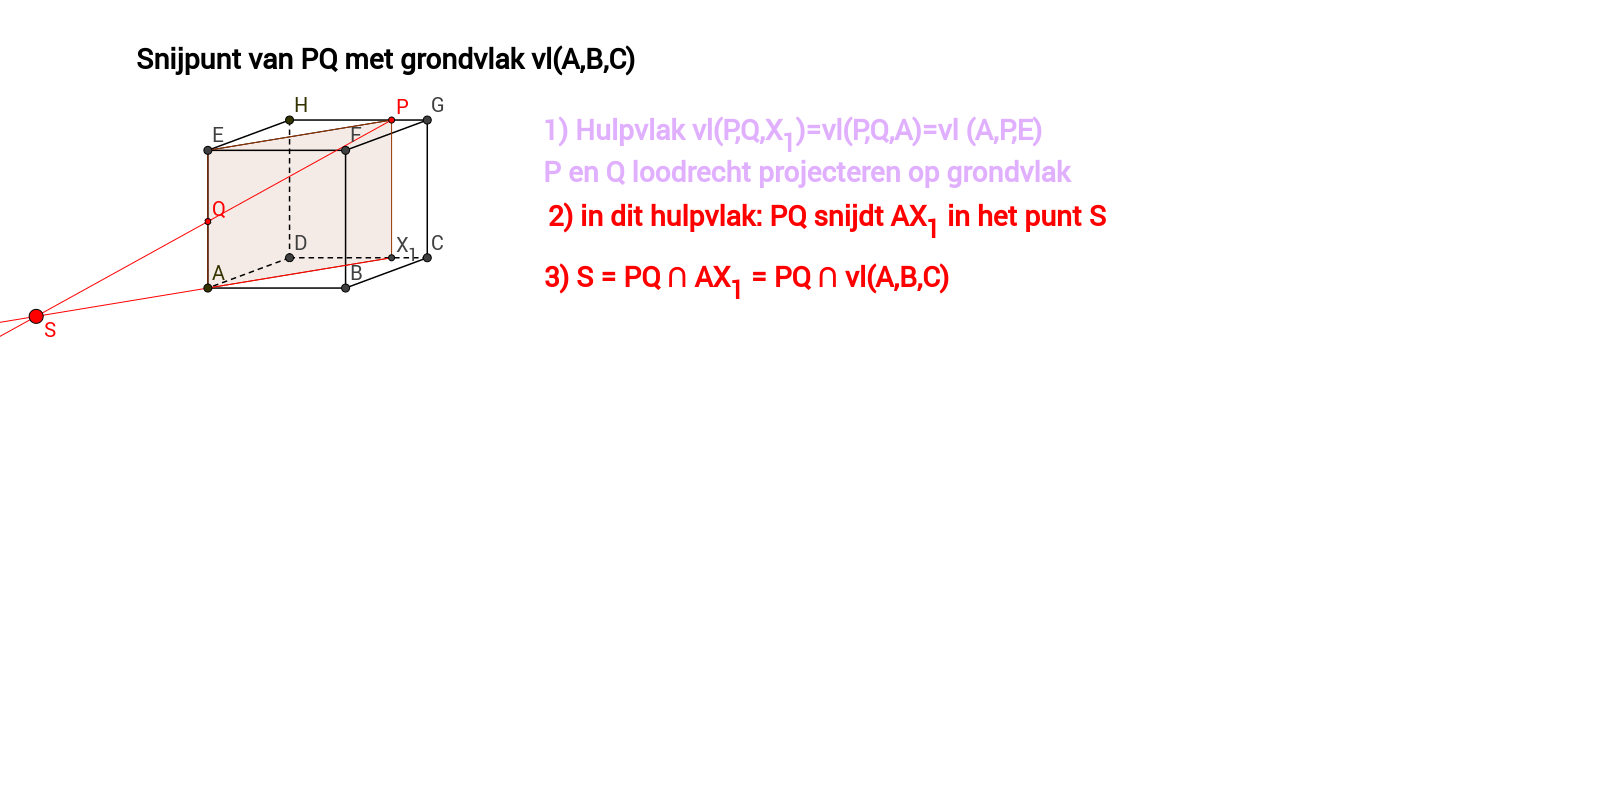 Snijpunt rechte PQ met grondvlak van kubus